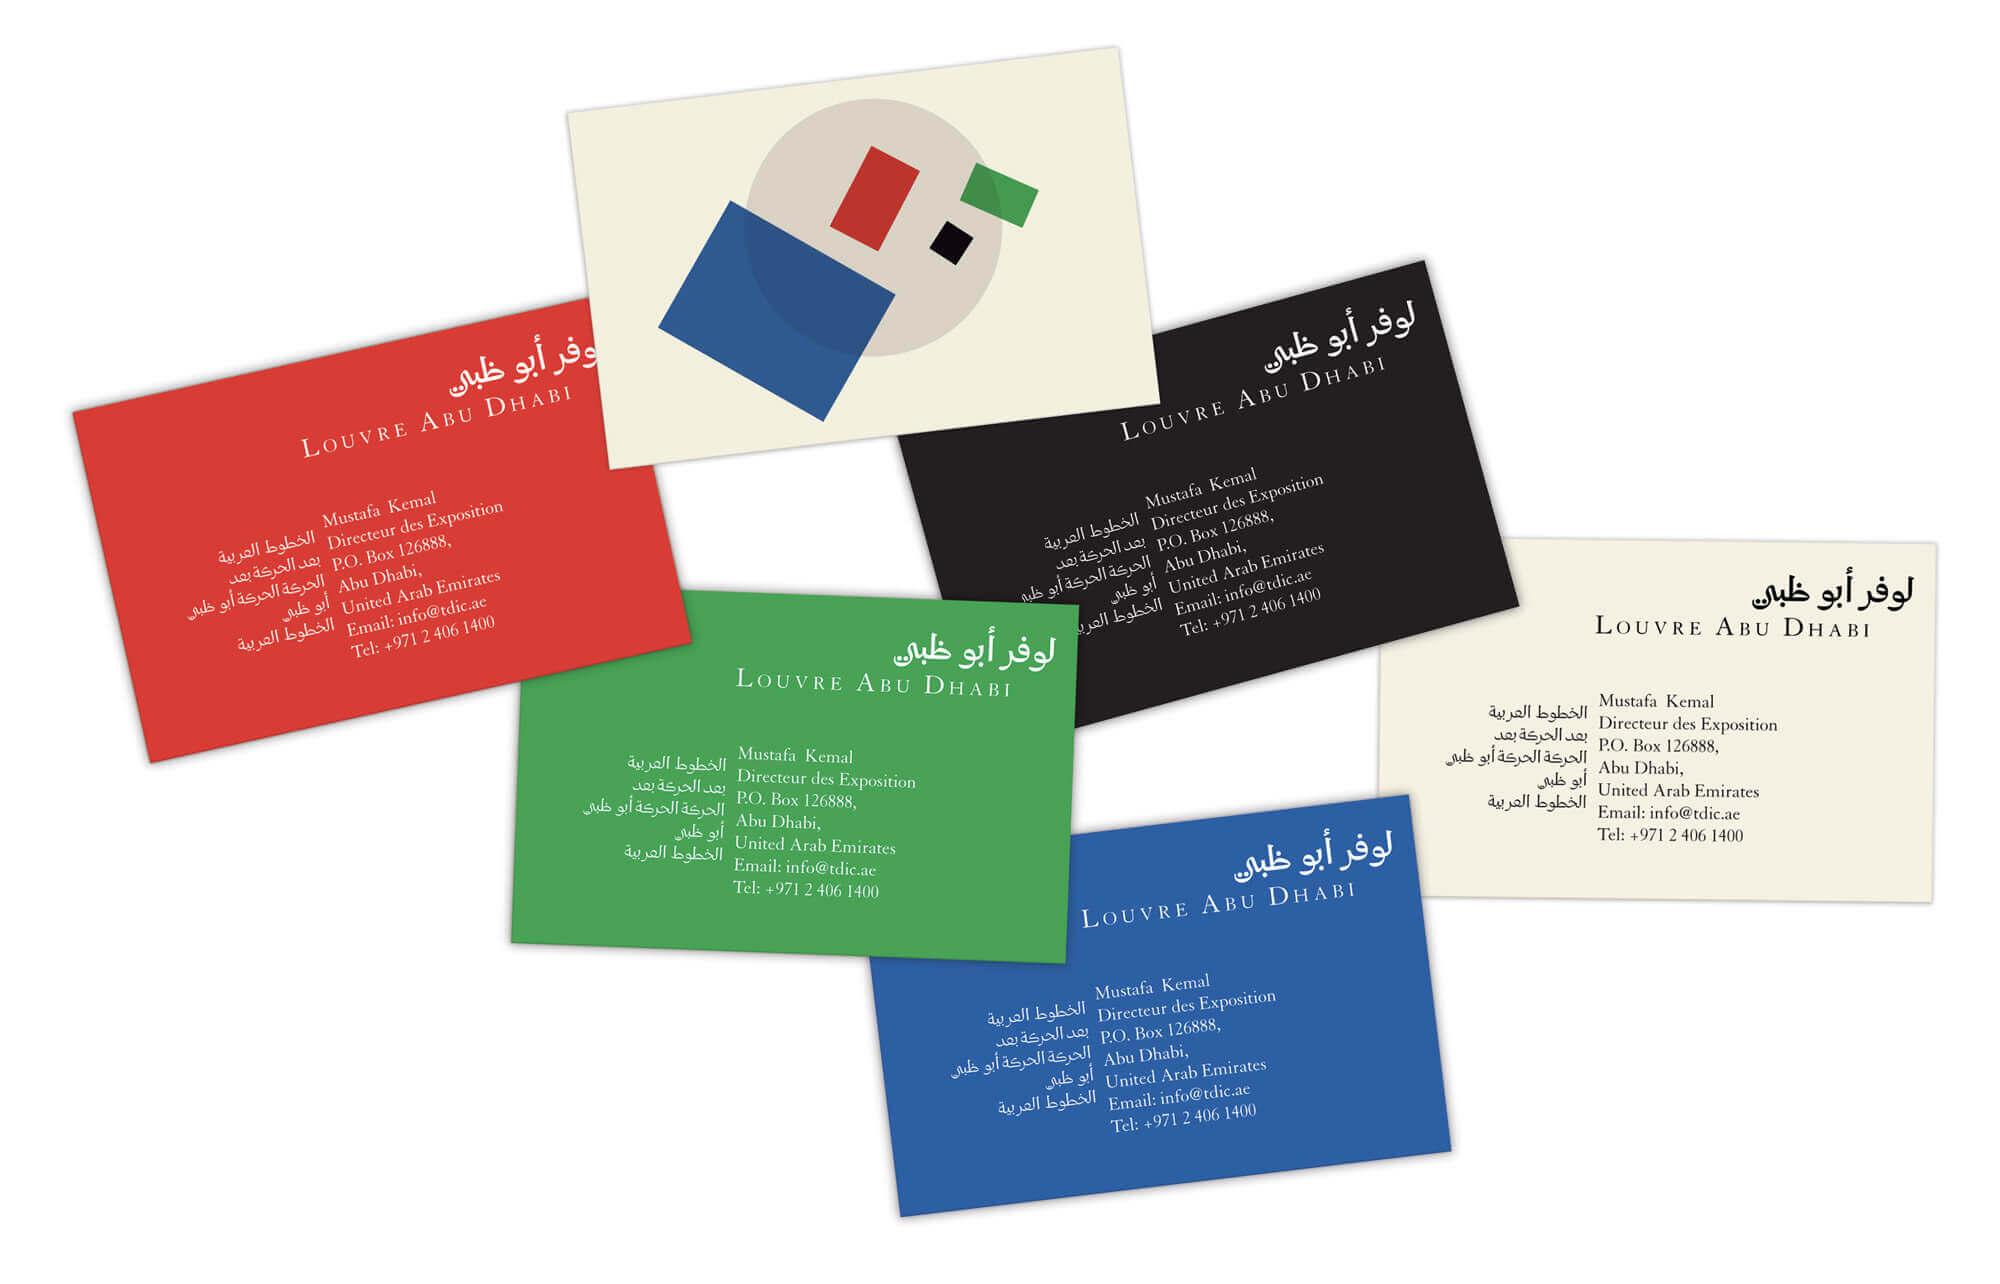 les carte de visite du Louvre Abu Dhabi par Ichetkar